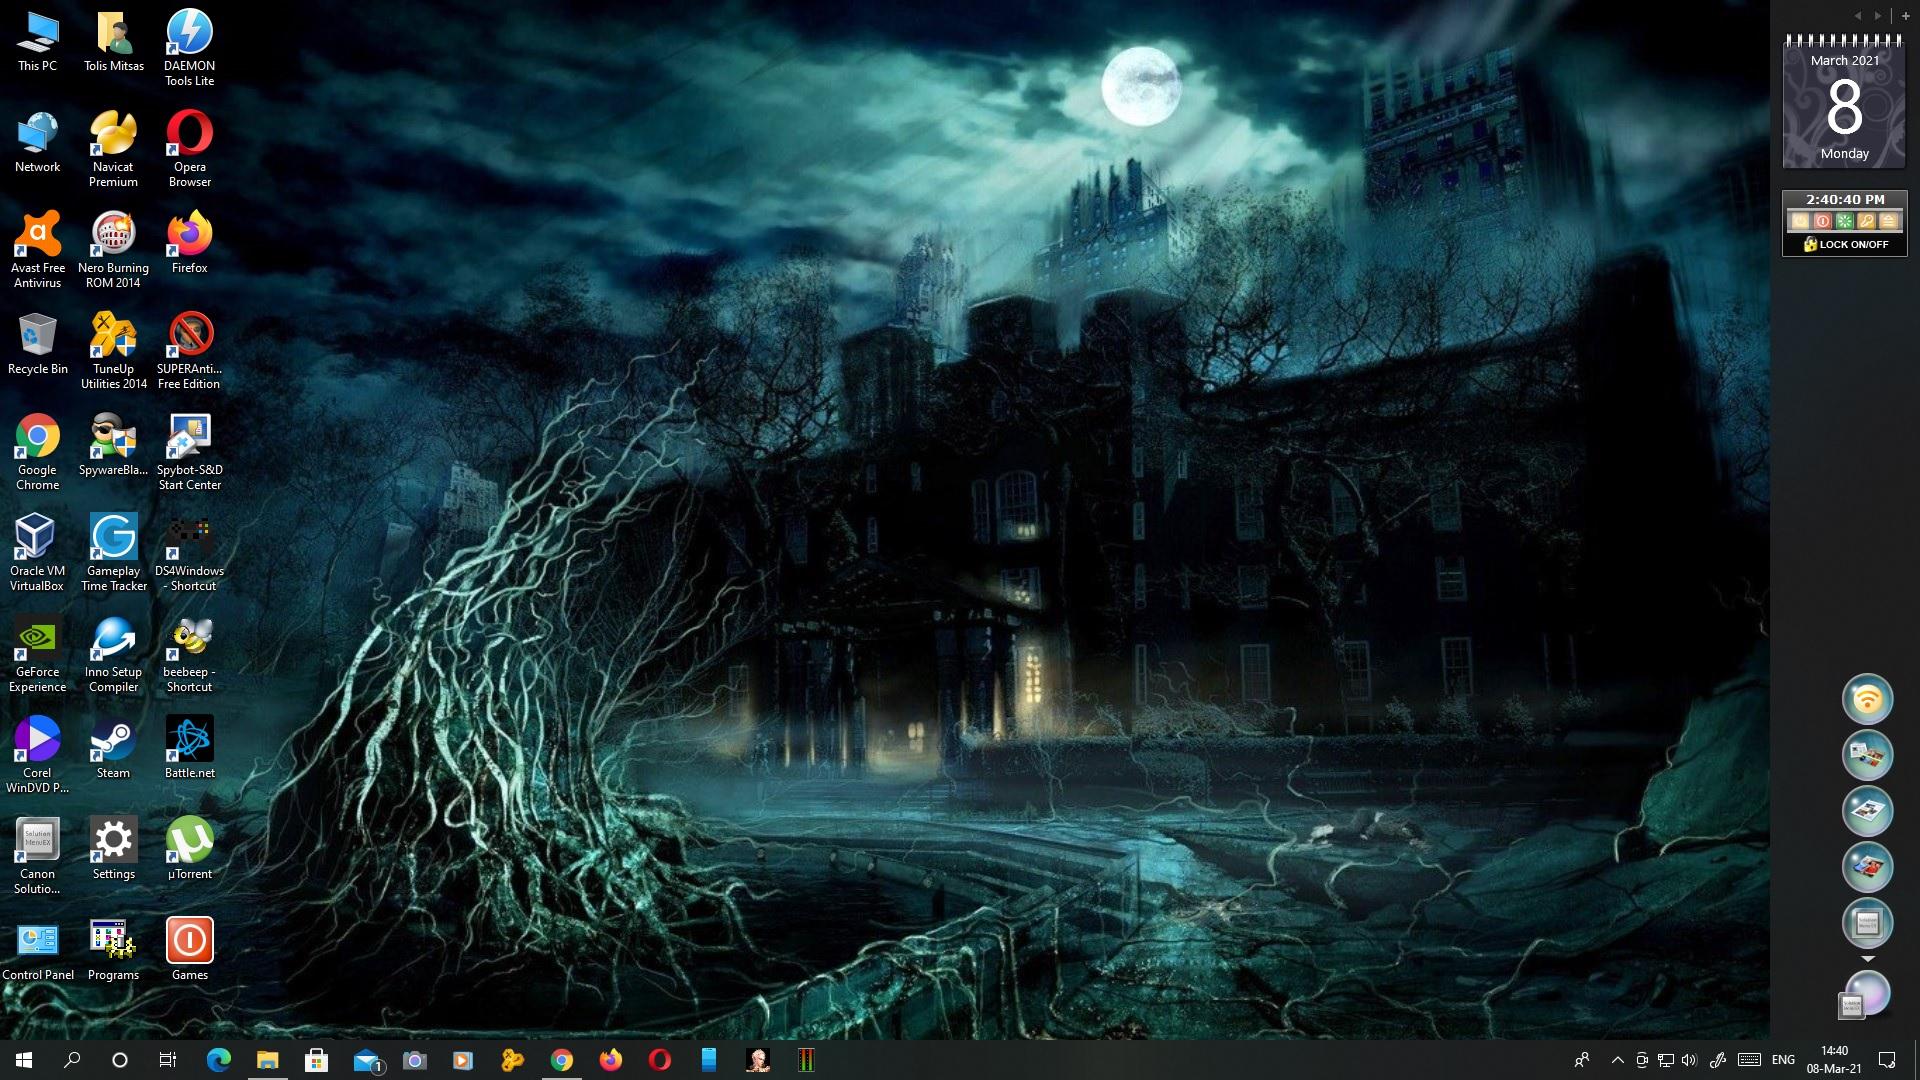 Desktop_2021-03-08.jpg